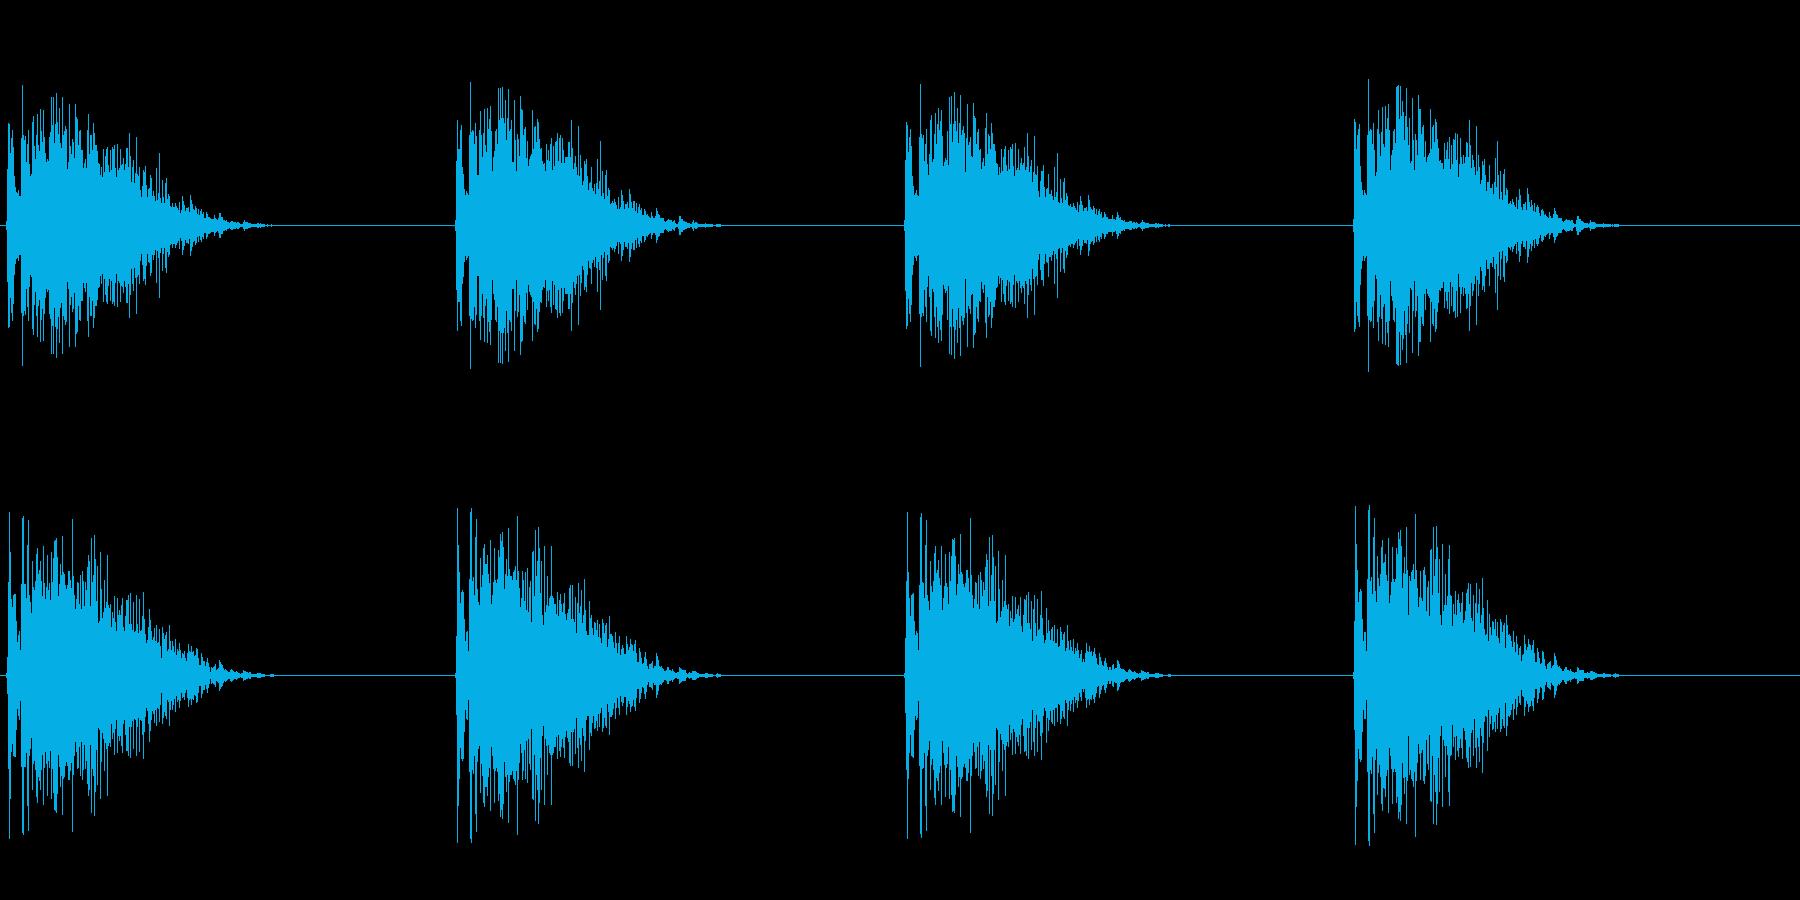 ギーッ…ギーッ…(床がきしむ音、つり橋)の再生済みの波形